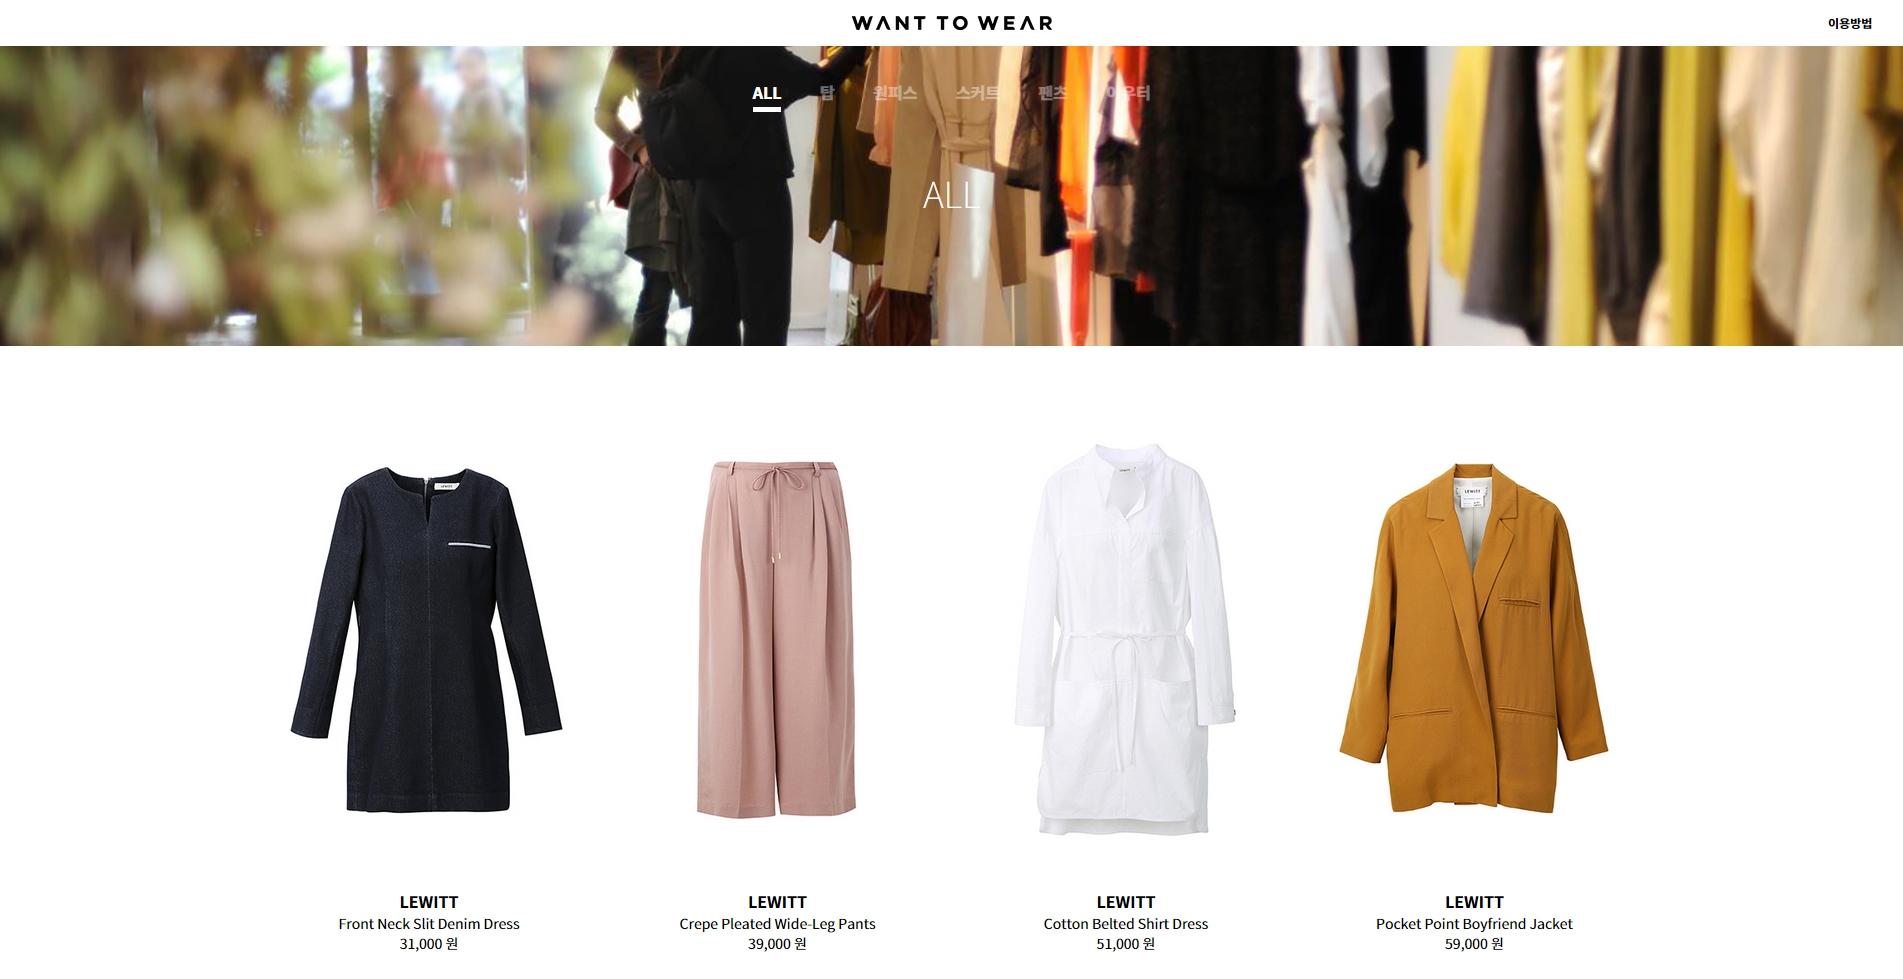 월정액으로 여러 브랜드 옷 빌려 입는다 … 패션 렌탈 서비스 '원투웨어' 론칭